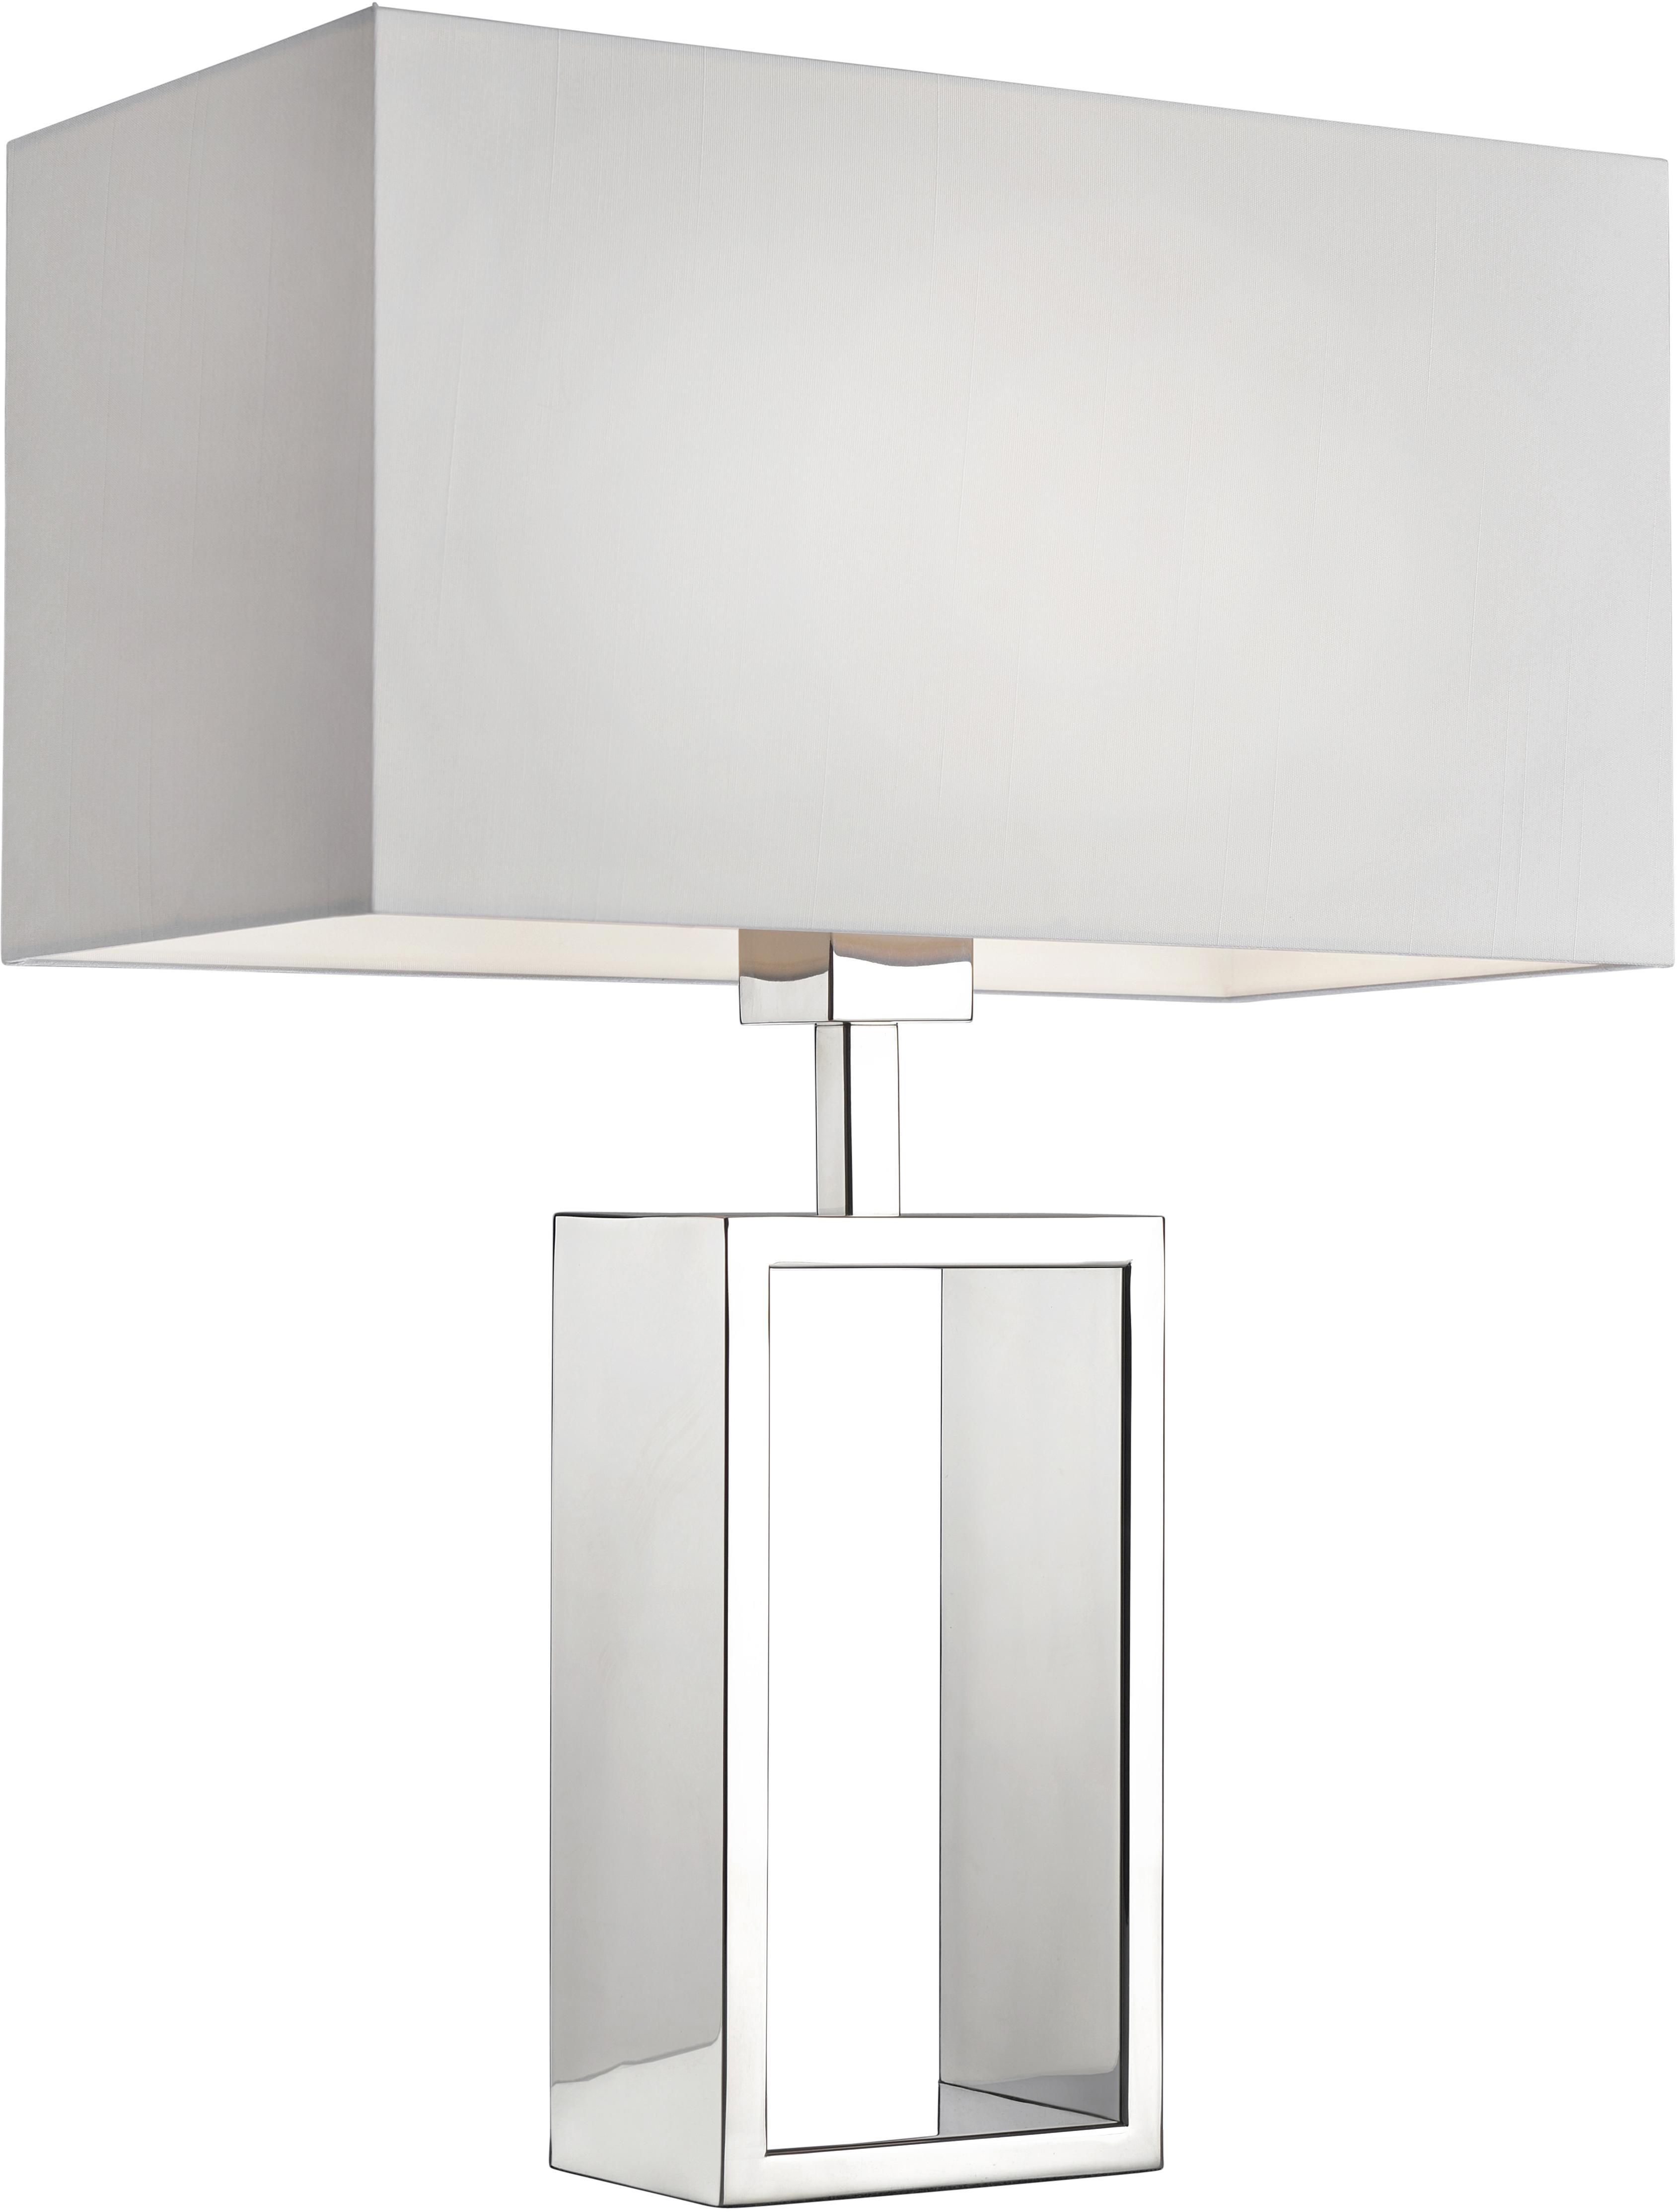 Tischlampe Shanghai mit verchromtem Lampenfuß, Lampenfuß: Edelstahl, hochglanzverch, Chrom, Weiß, 35 x 47 cm